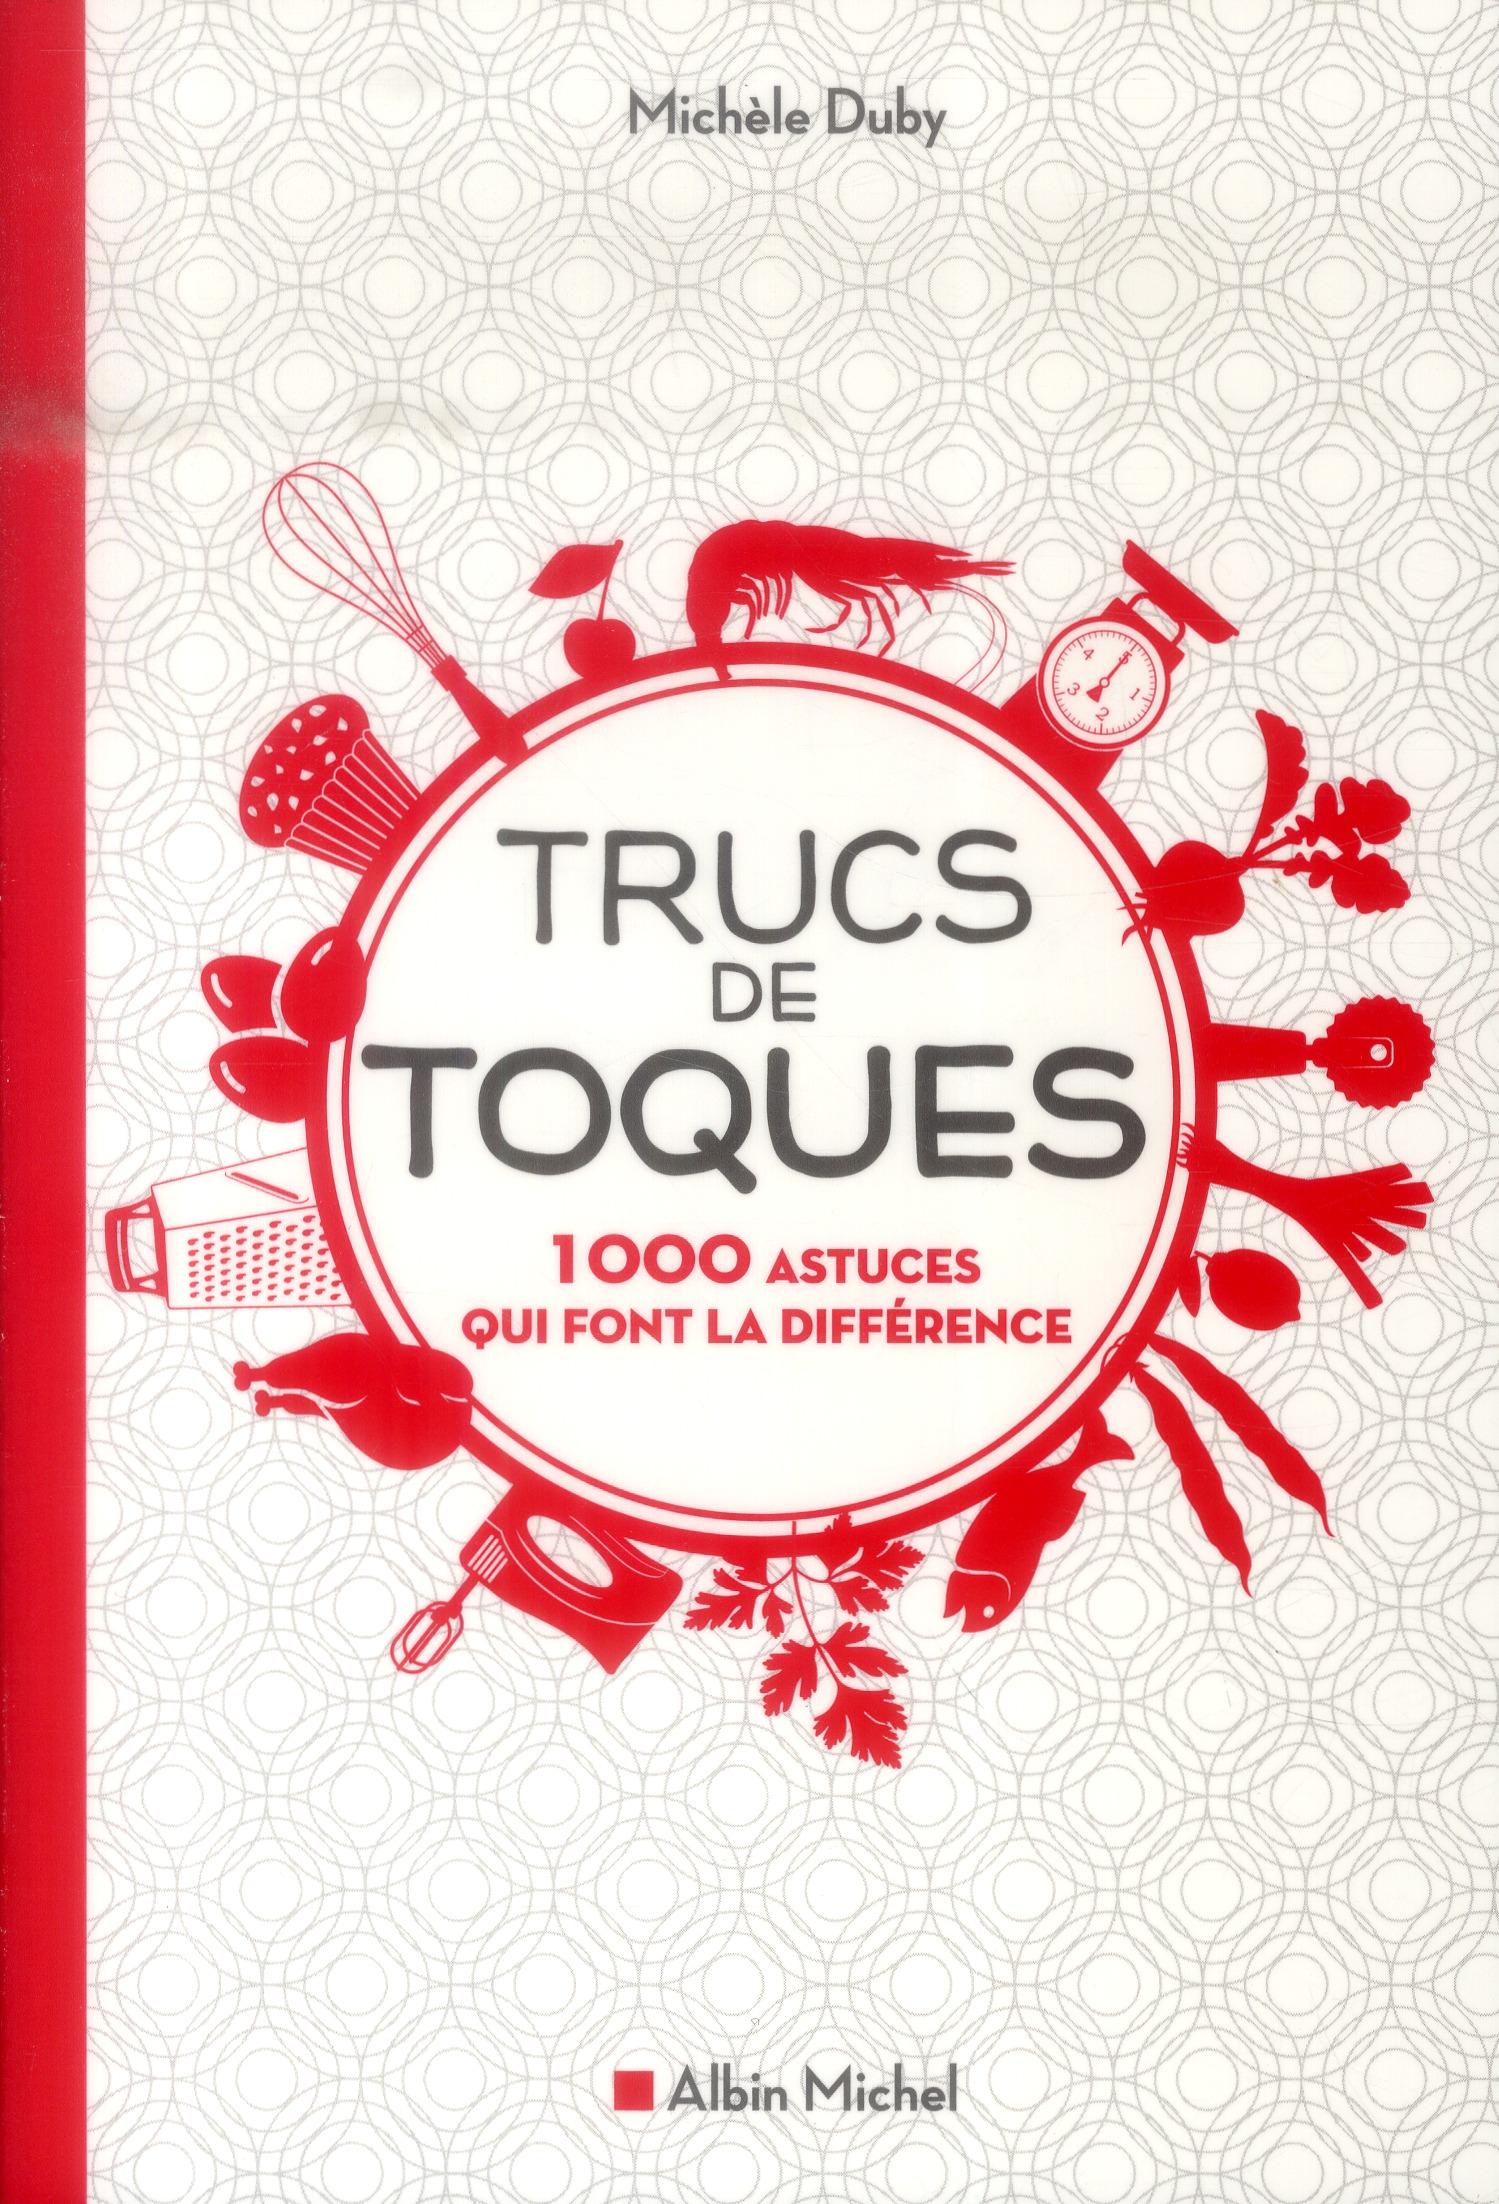 TRUCS DE TOQUES - 1000 ASTUCES QUI FONT LA DIFFERENCE